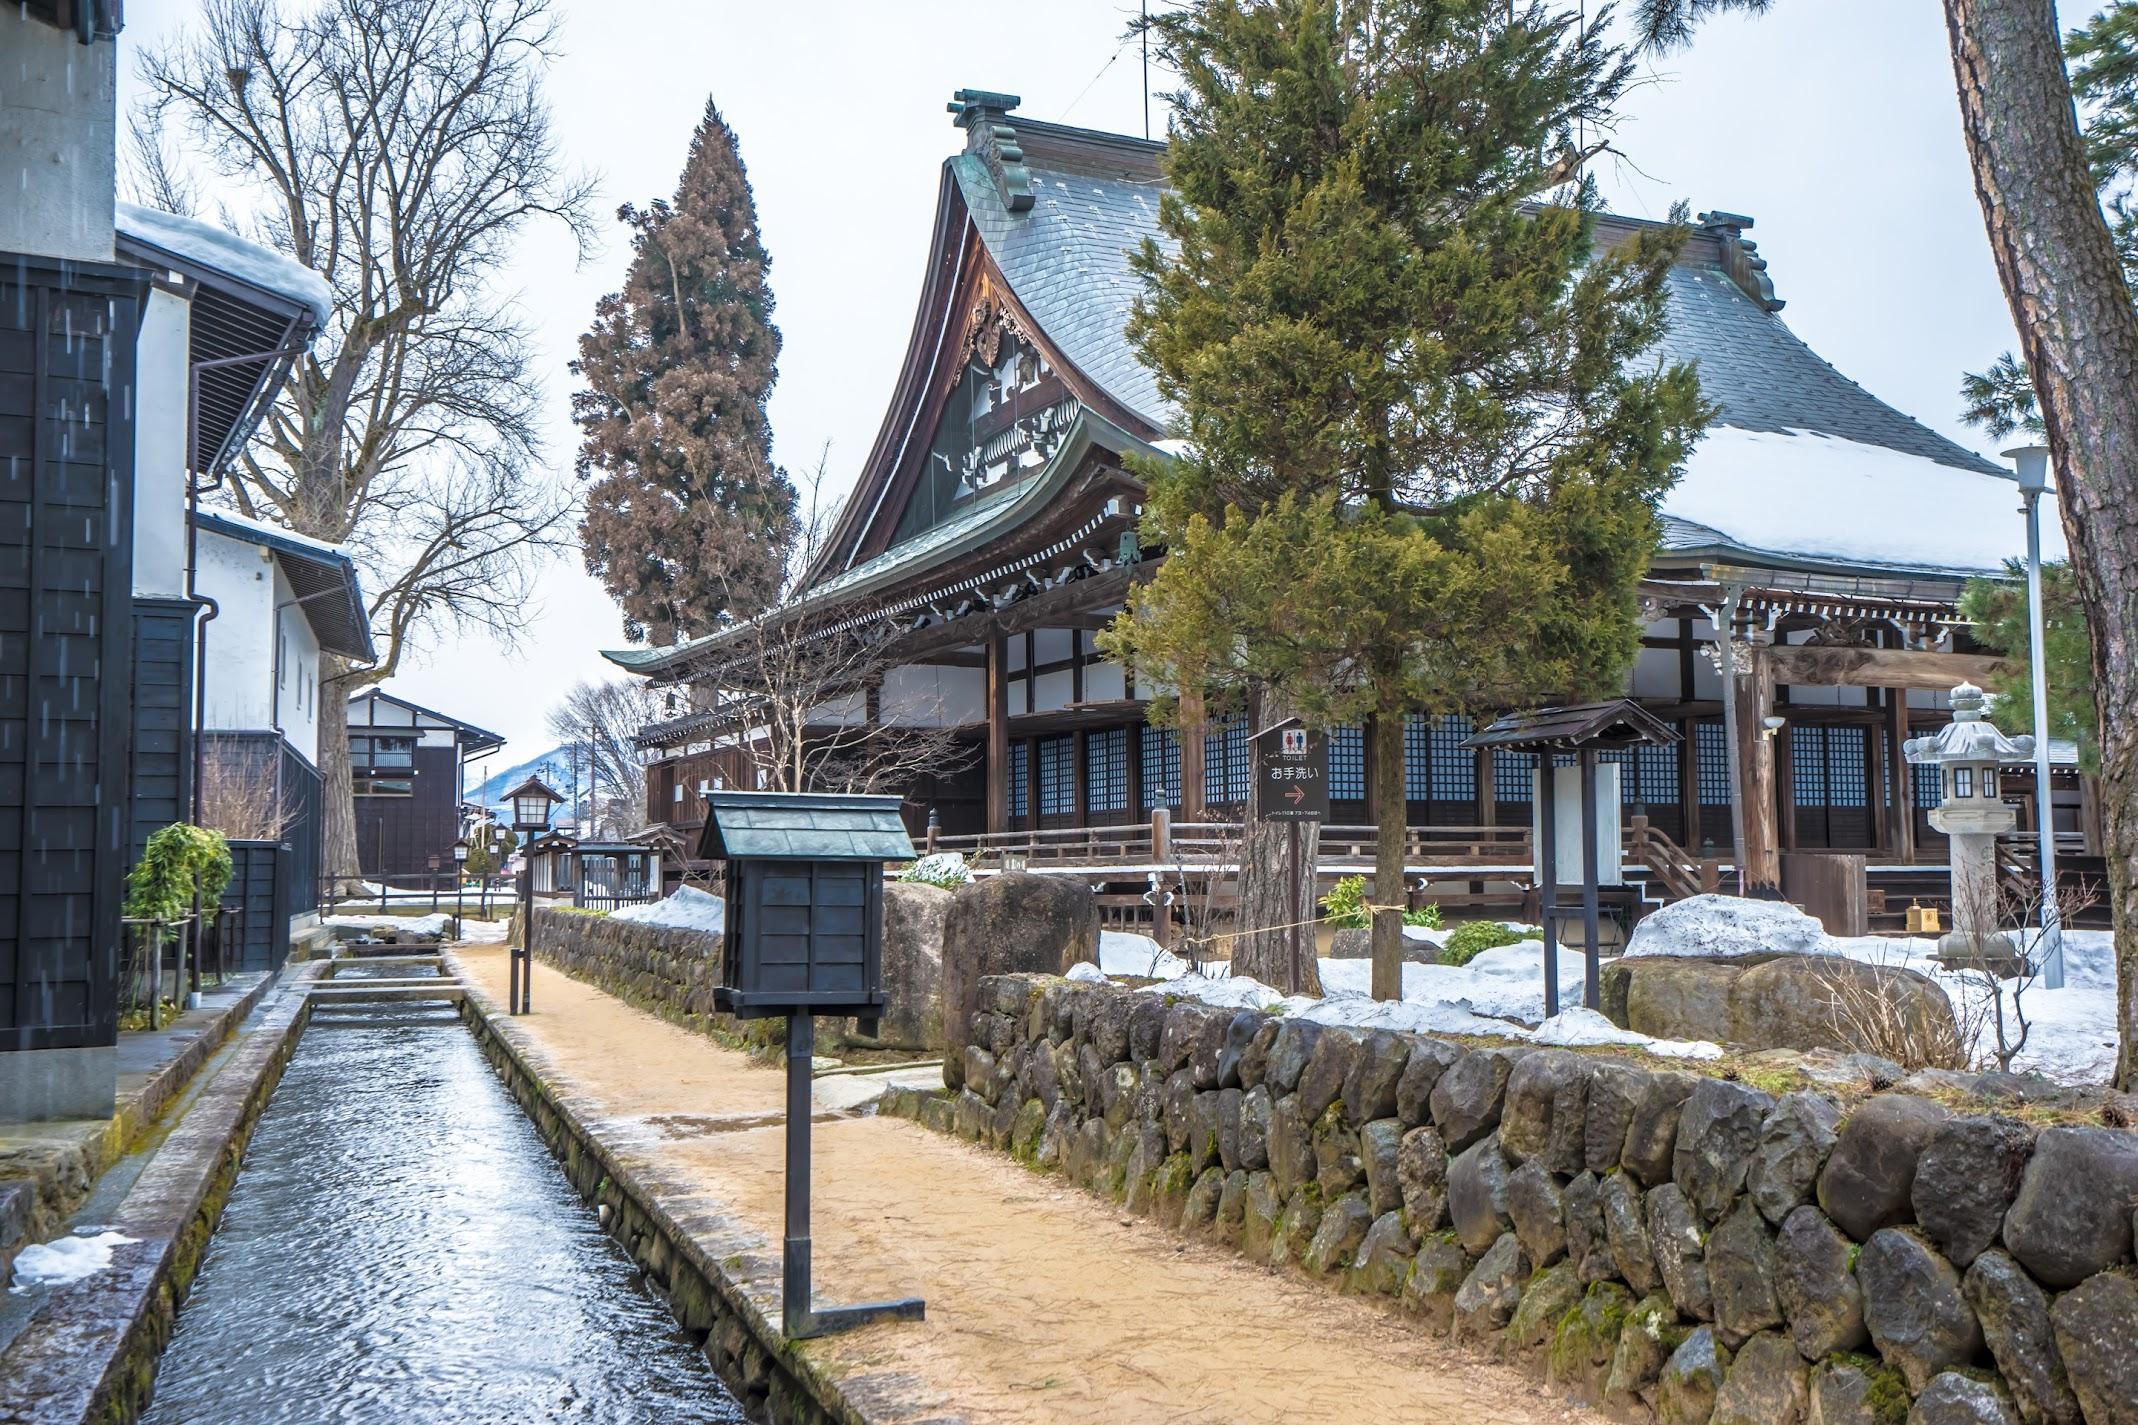 飛騨古川 円光寺 白壁土蔵街3